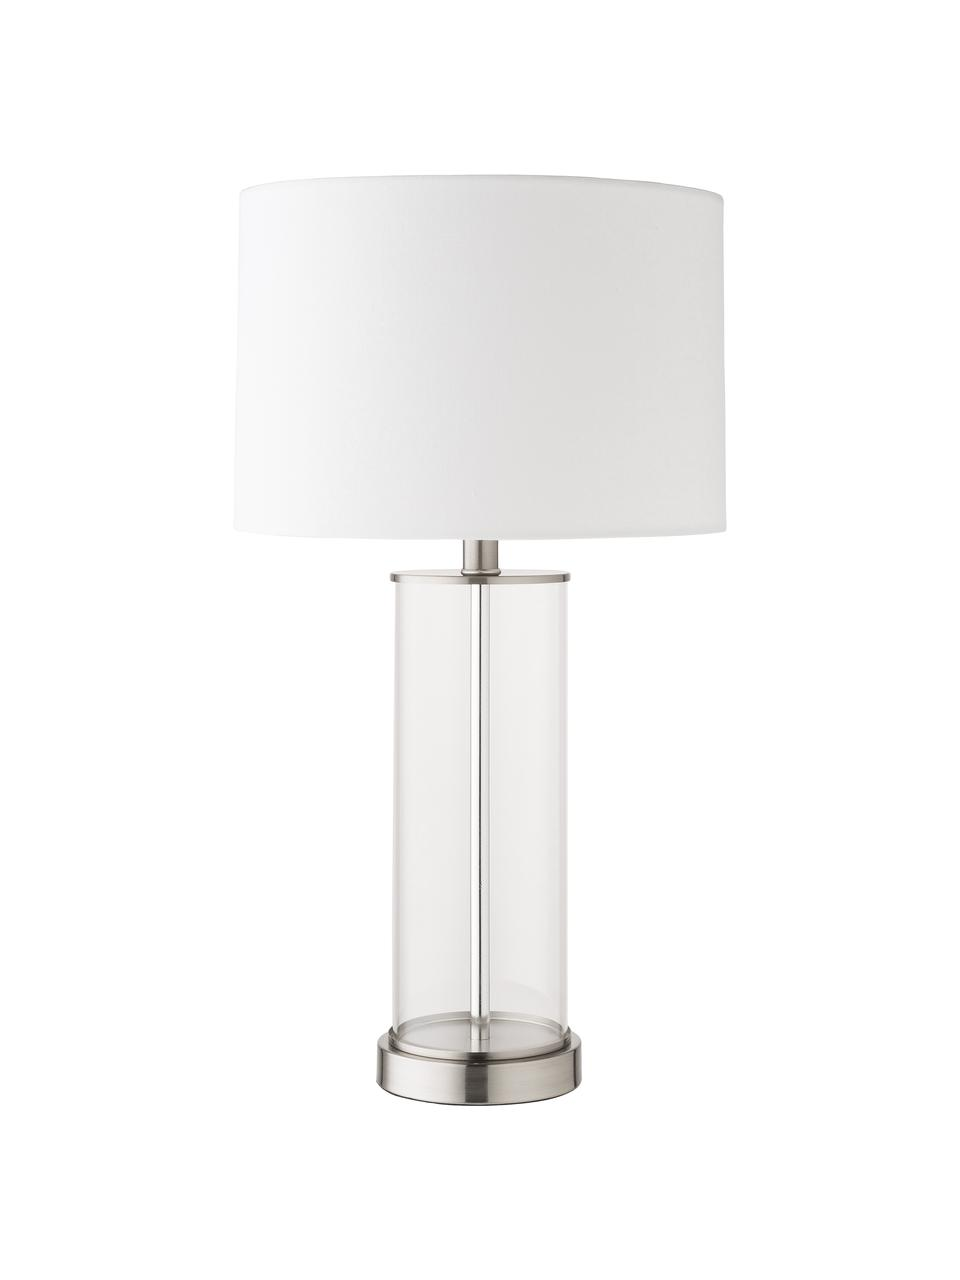 Große Tischlampe Abigail aus Glas und Leinen, Lampenschirm: Leinen, Lampenfuß: Glas, Sockel: Metall, vernickelt, Nickel, Ø 32 x H 61 cm